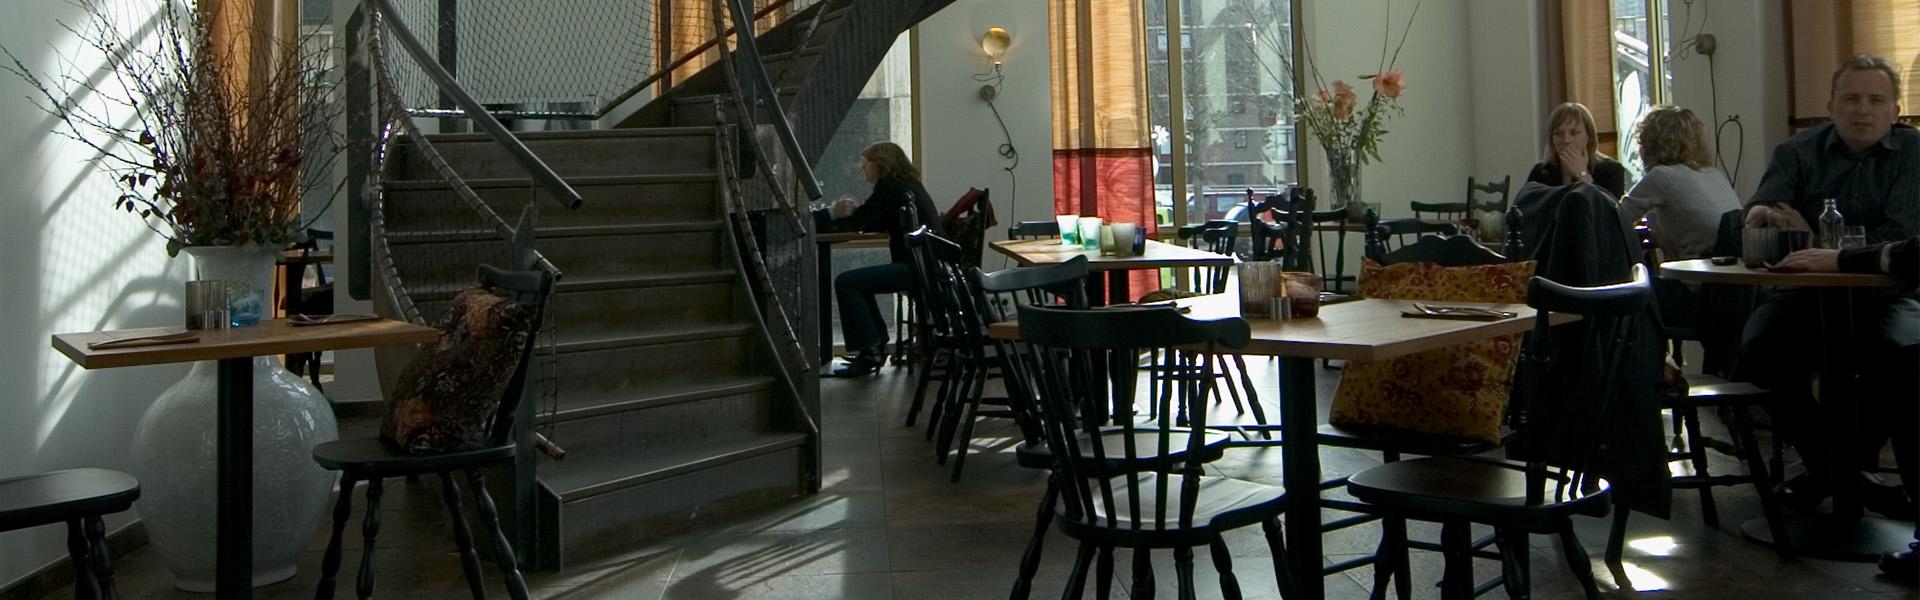 Restaurant De Coopvaert Rotterdam - restaurant